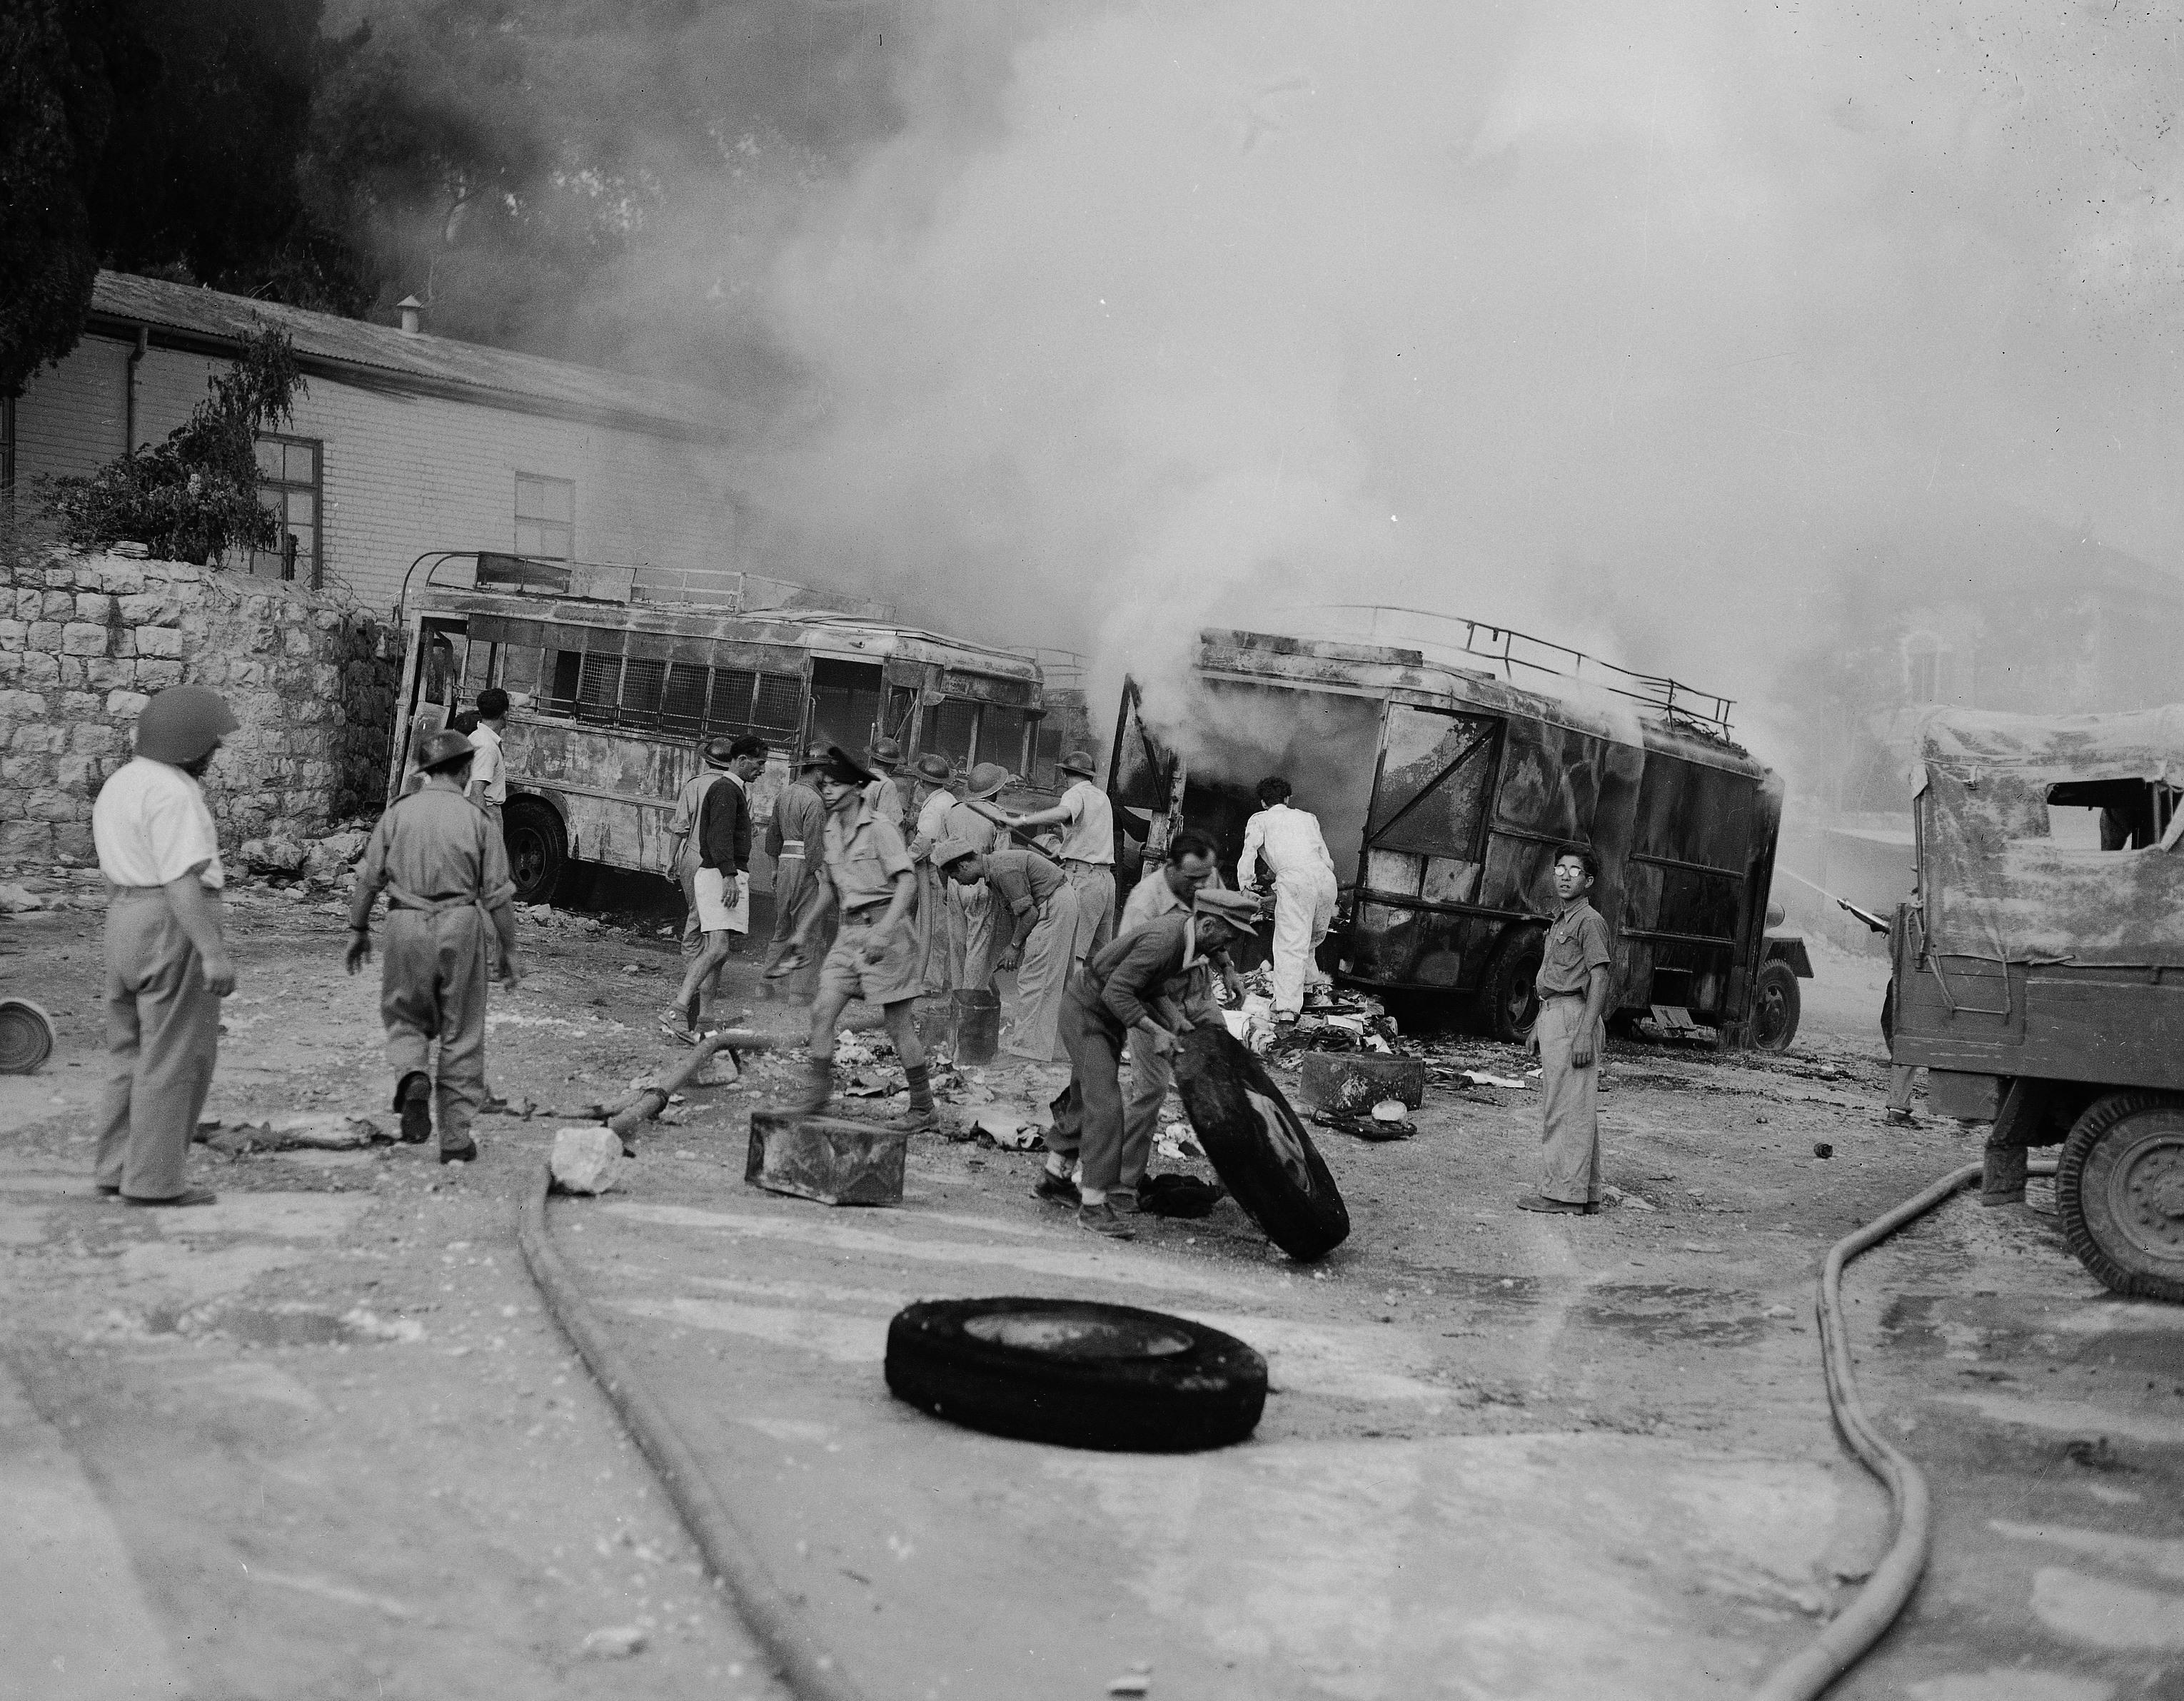 Еврейские пожарные участвуют в спасательной операции, поскольку дым по-прежнему поднимается от двух автобусов на автостоянке по Яффо-роуд в Иерусалиме, которая была обстреляна арабскими зажигательными минометными снарядами, 12 июня